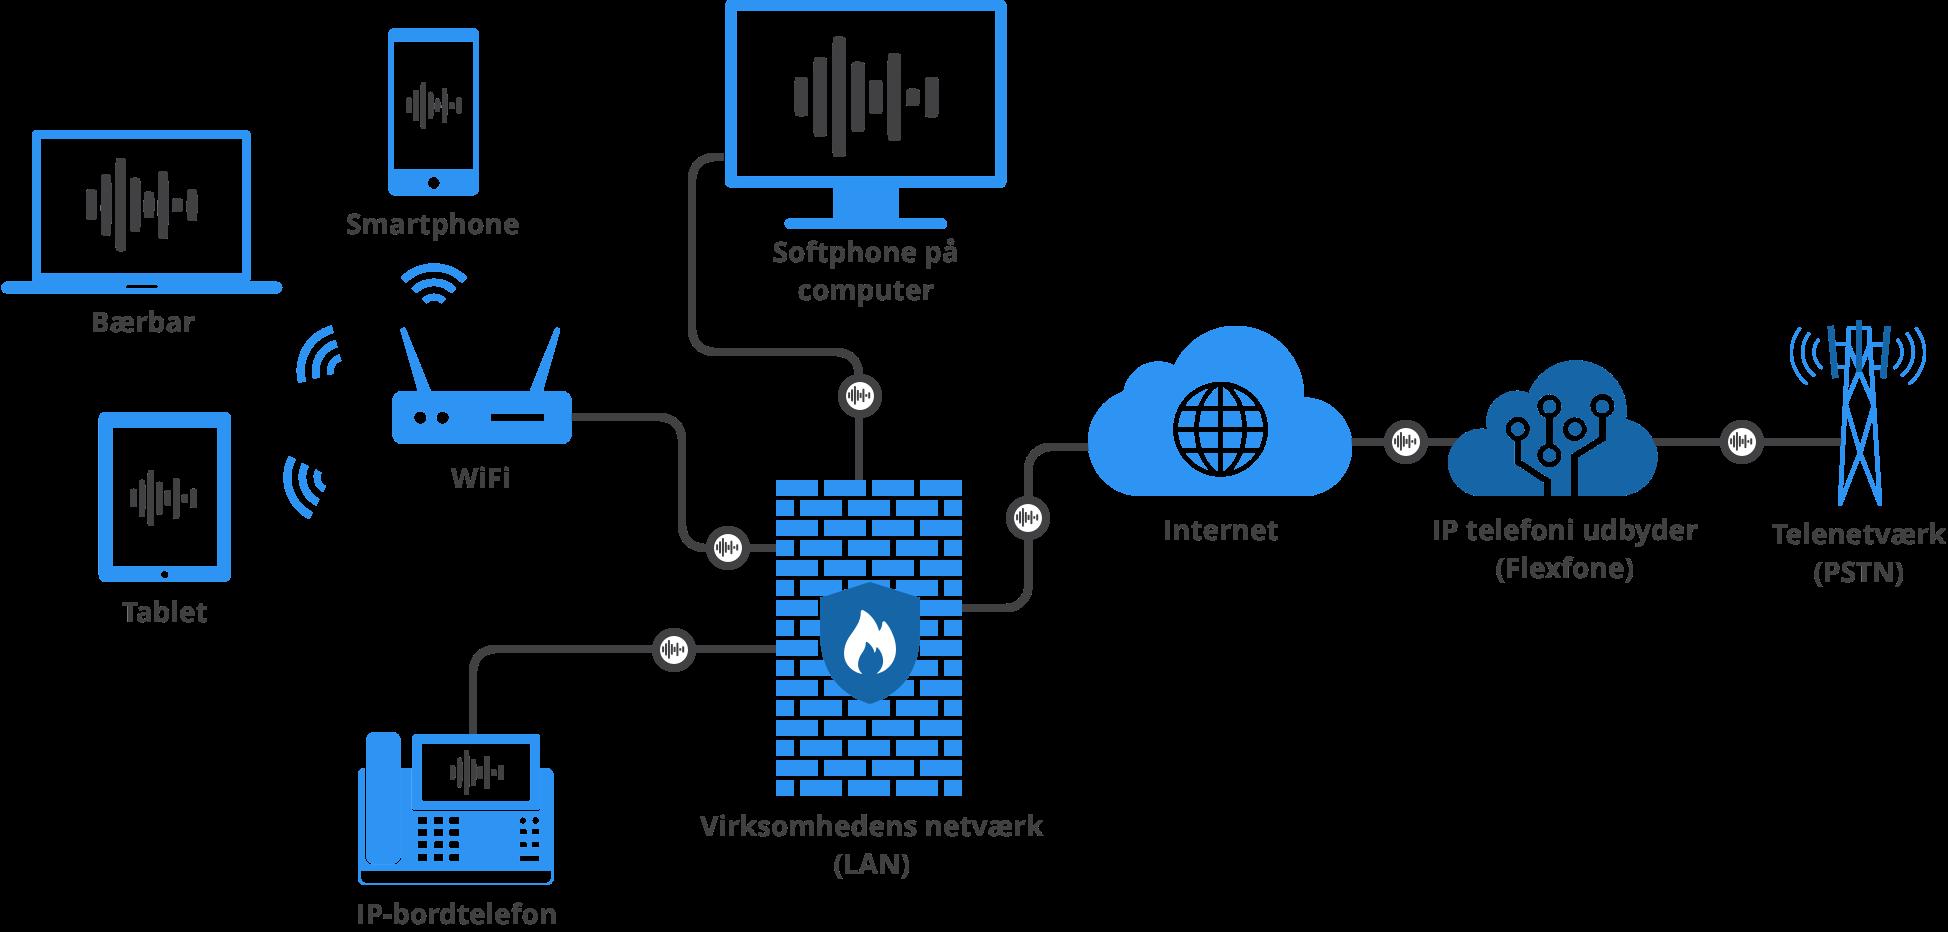 Som infografikken viser, er Flexfone et bindeled mellem opkaldene, som kommer via internettet. Med IP-telefoni kan virksomheden derfor foretage og modtage opkald på deres smartphones, bærbar PC'er, IP-bordtelefoner samt softphones.